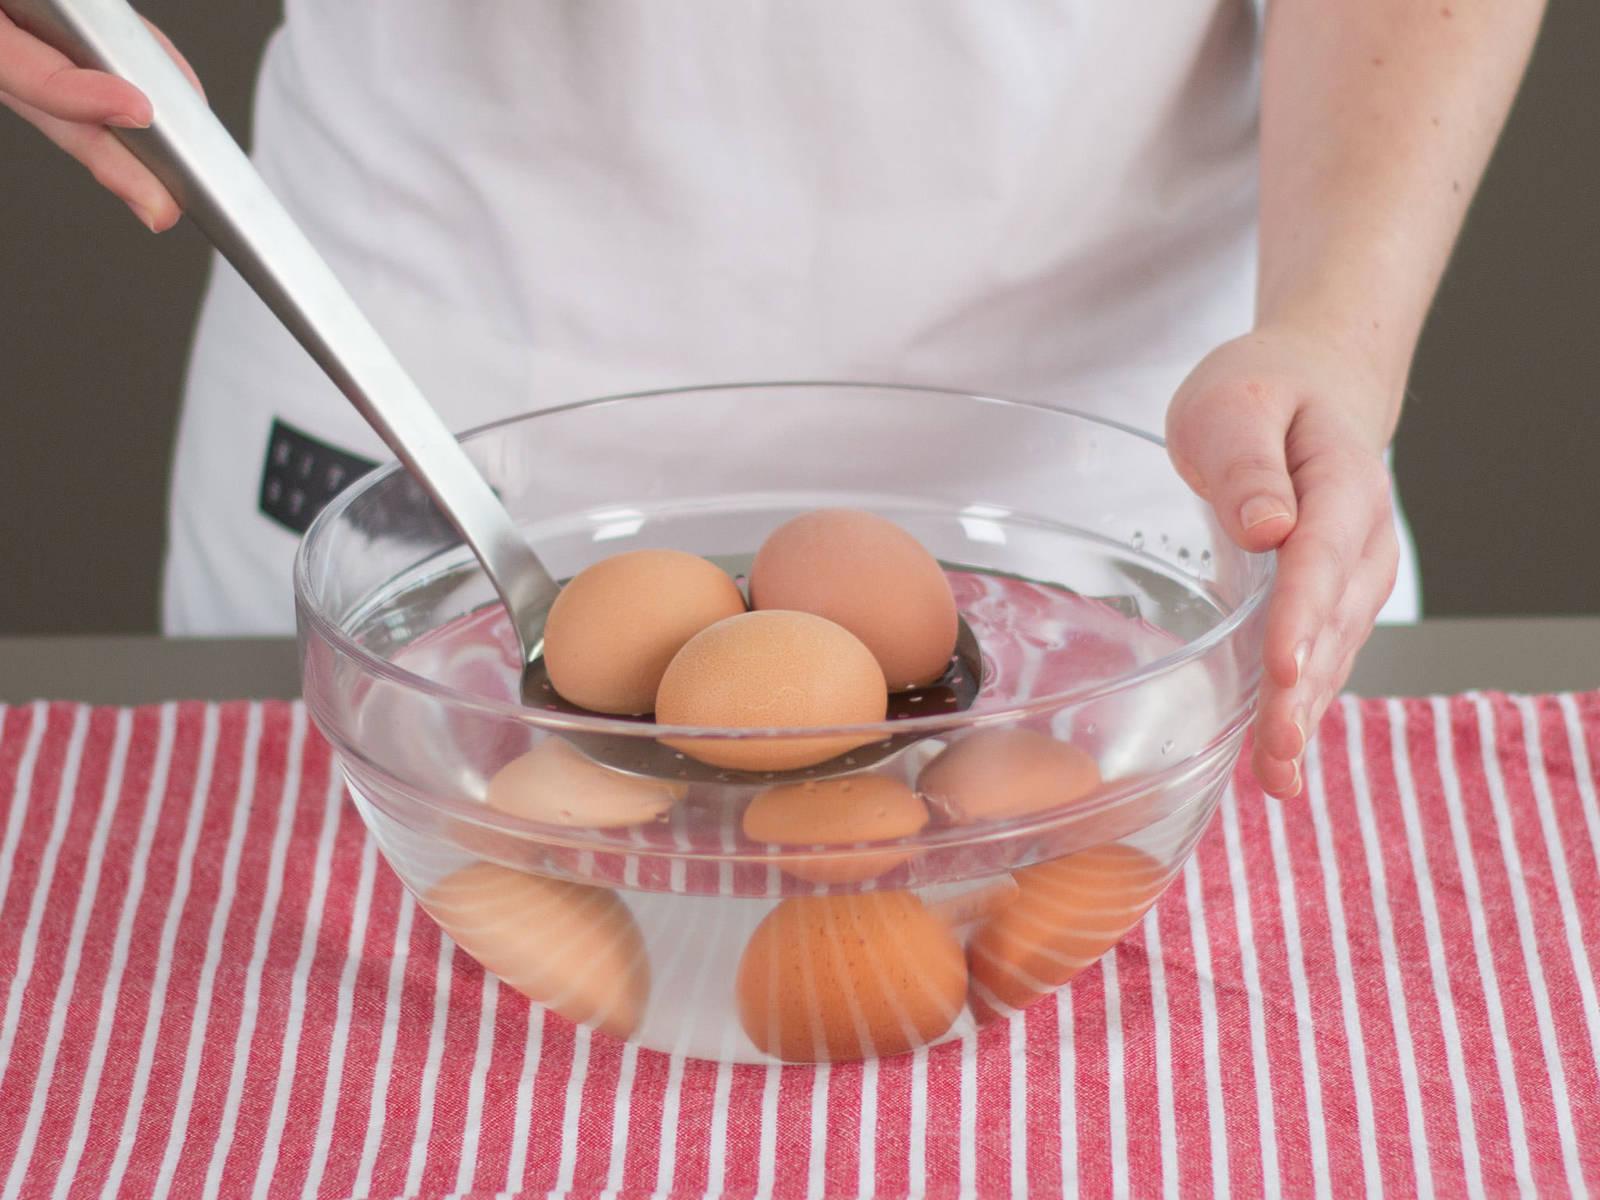 Eier in einer Schüssel mit kaltem Wasser abschrecken.